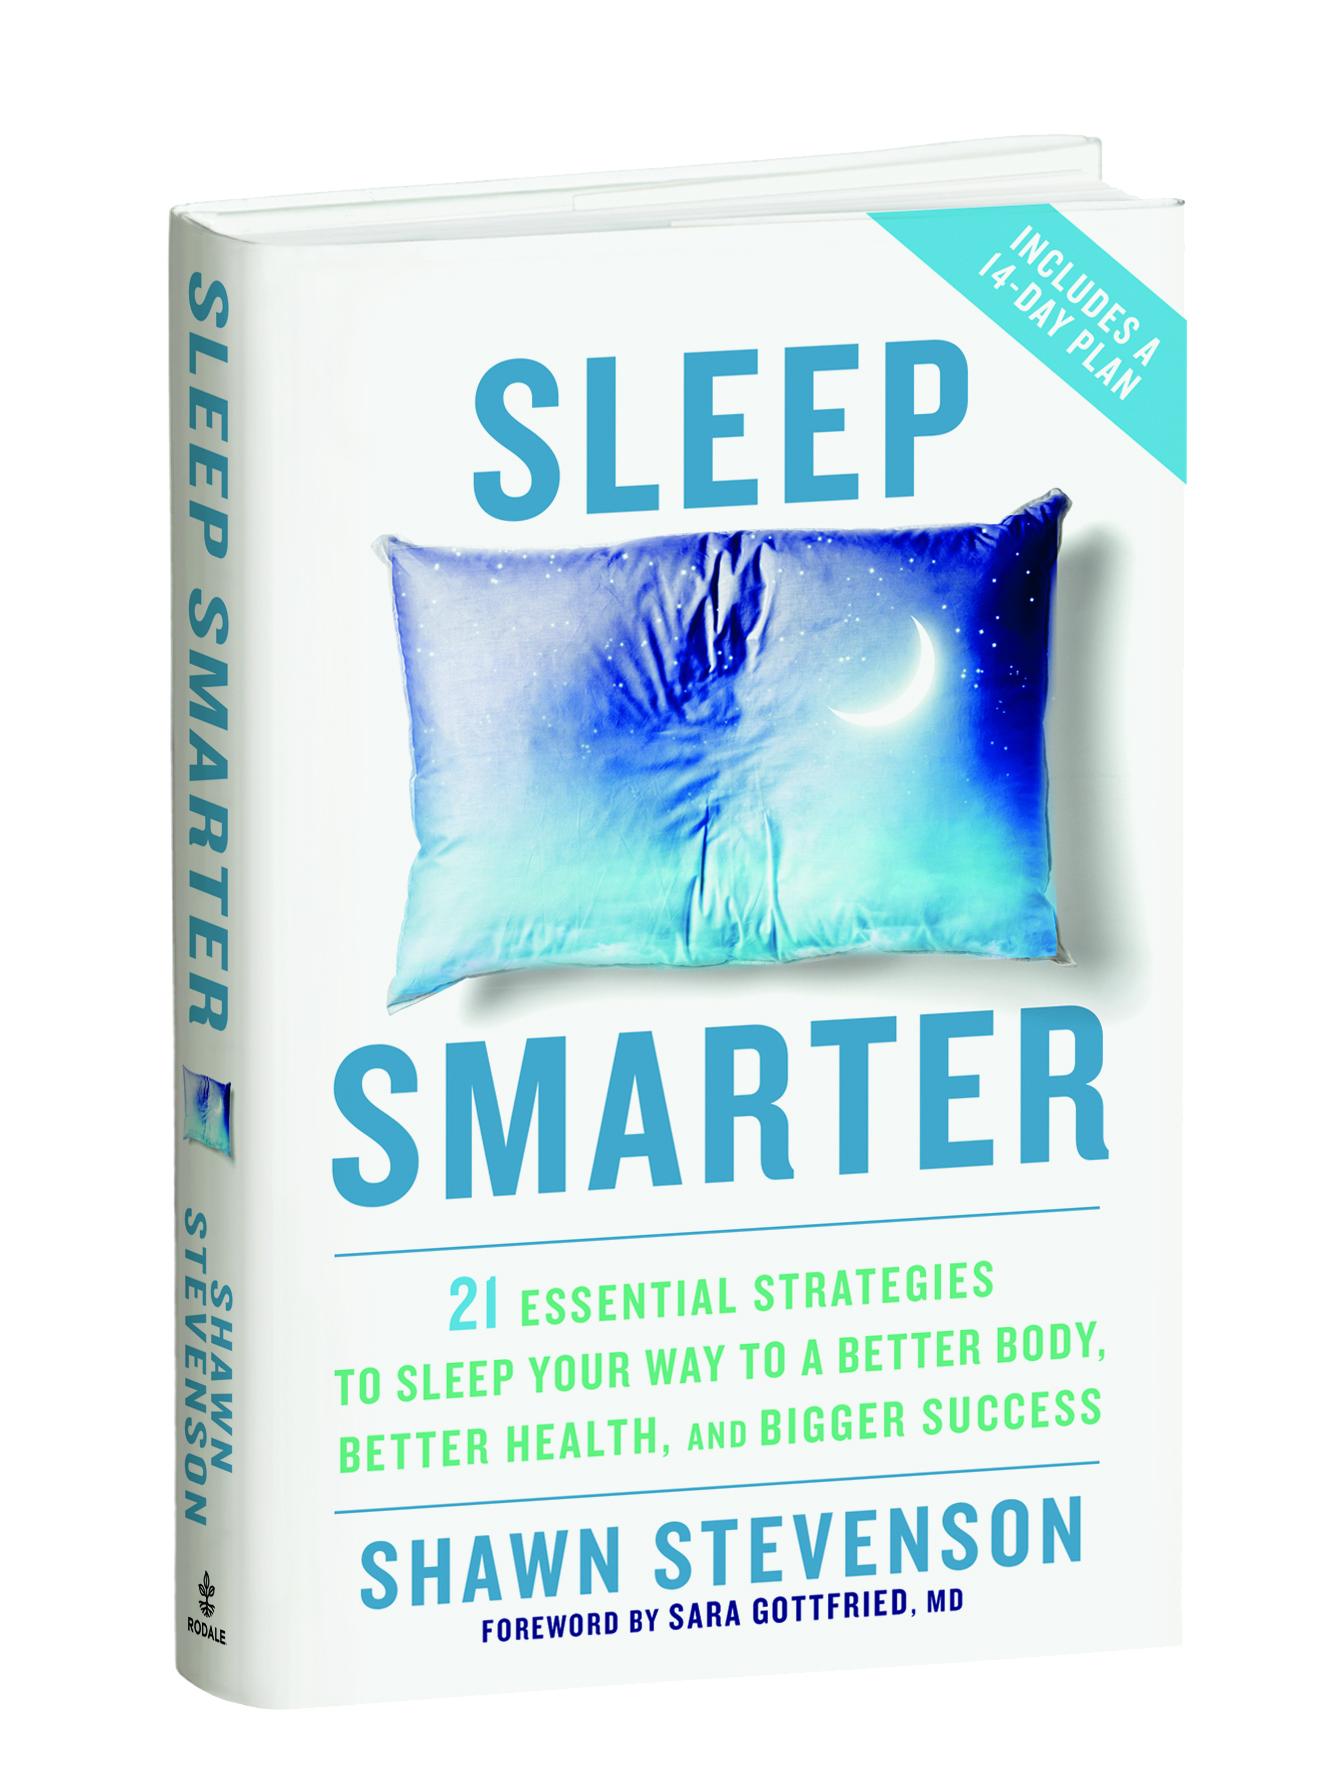 Sleep smarter3